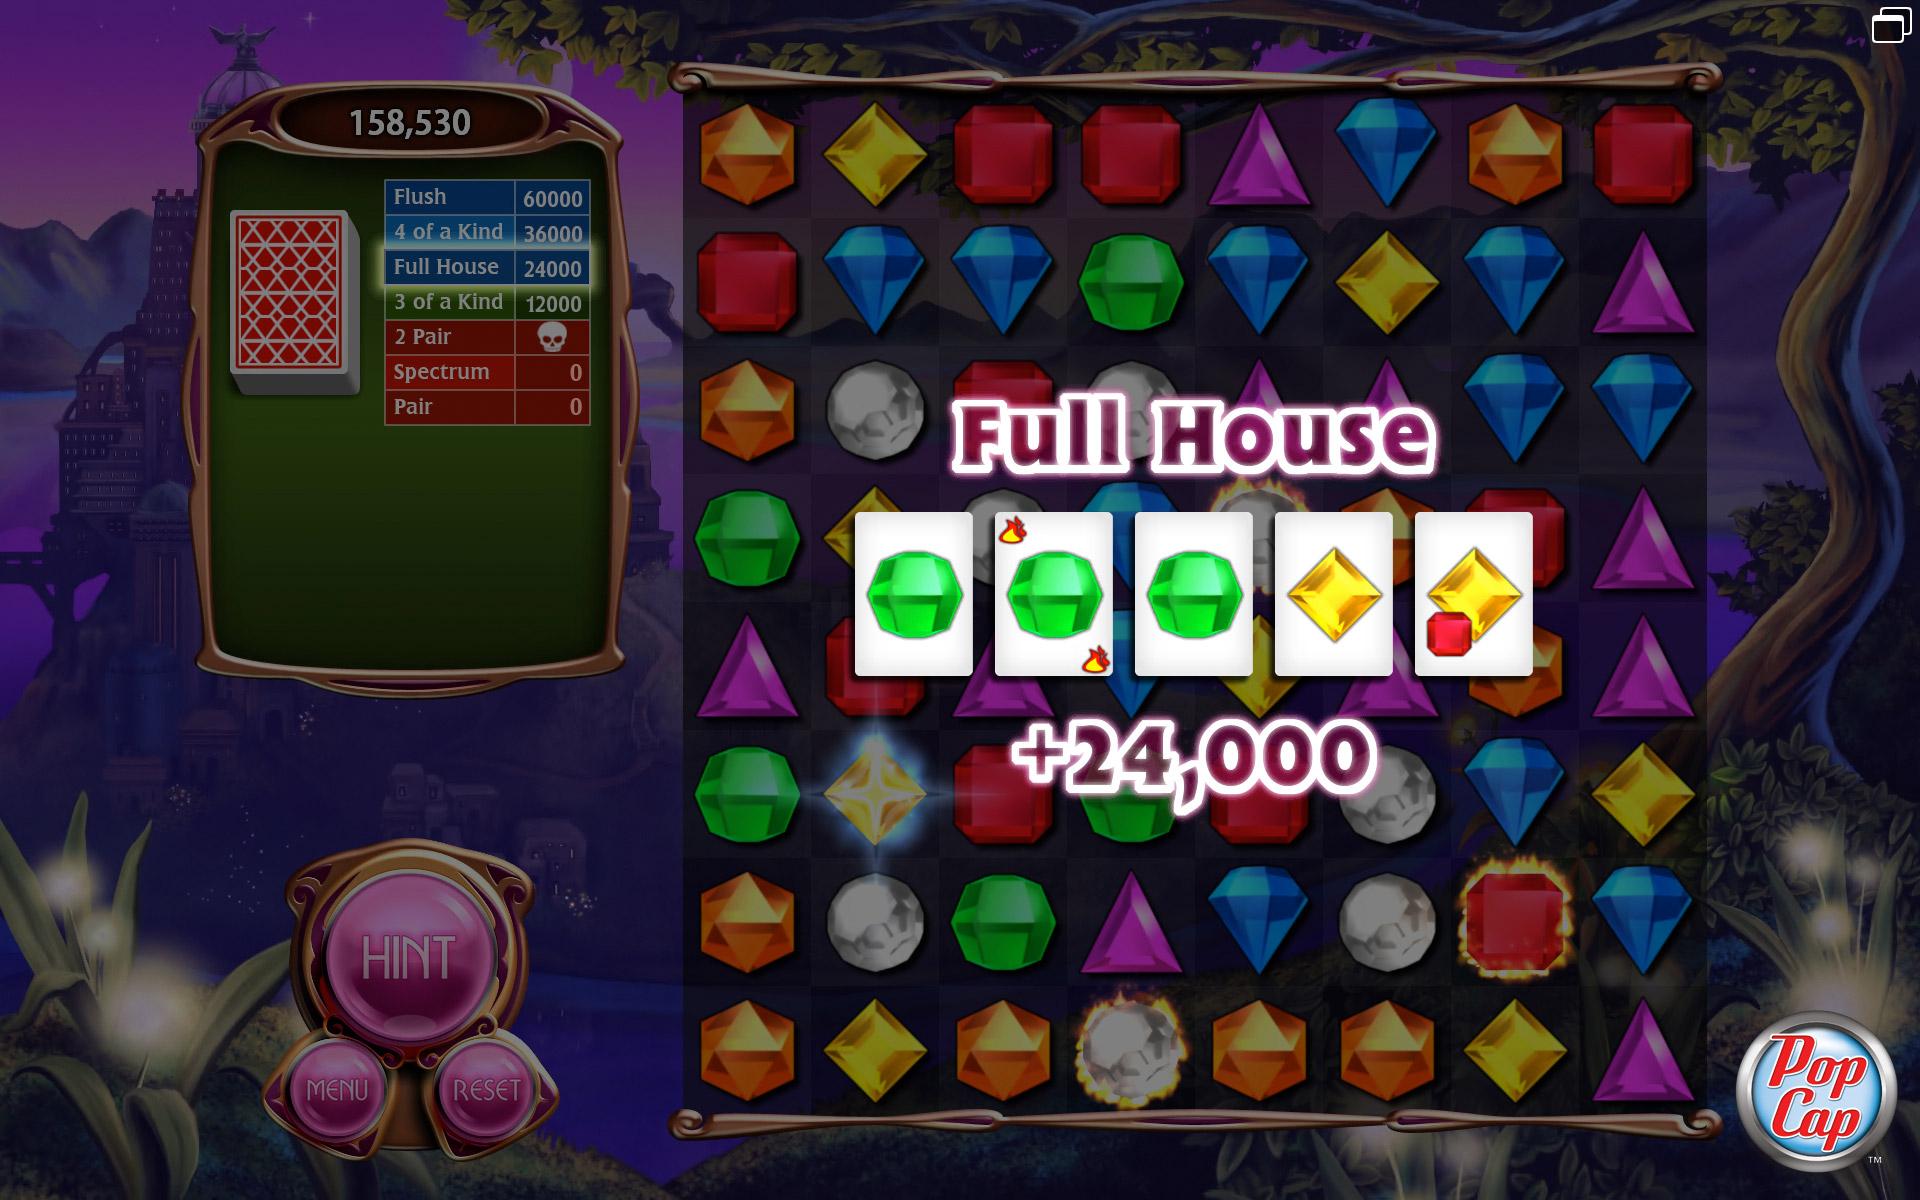 Bejeweled 3 screen shot